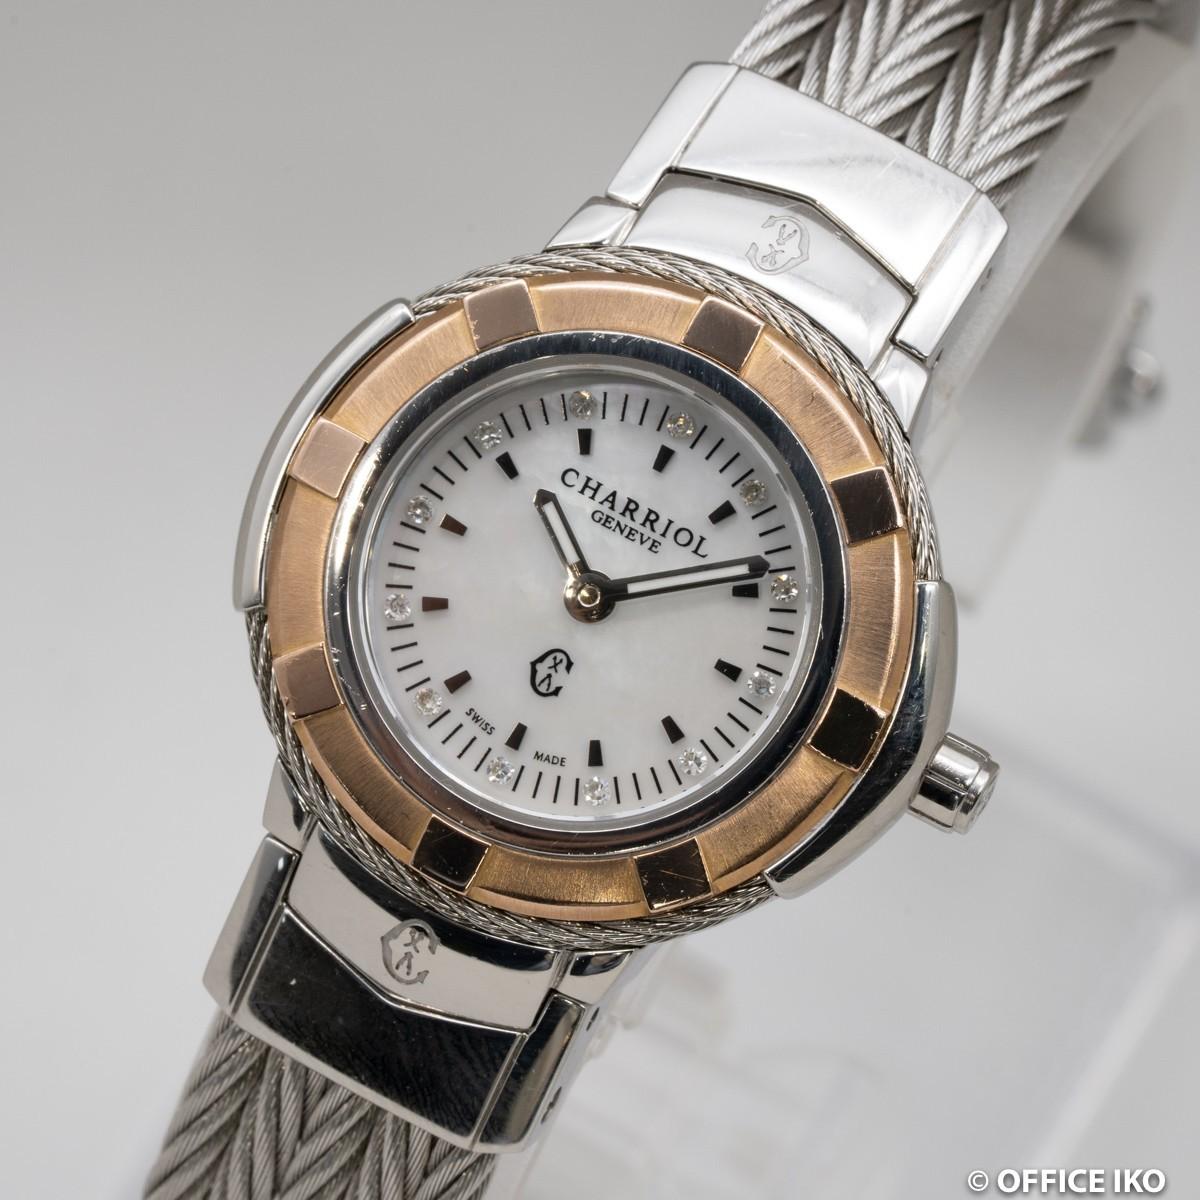 質イコー [シャリオール] CHARRIOL 腕時計 ケルテック シェル CE426 ダイヤ12P クオーツ レディース 中古 良品_画像1